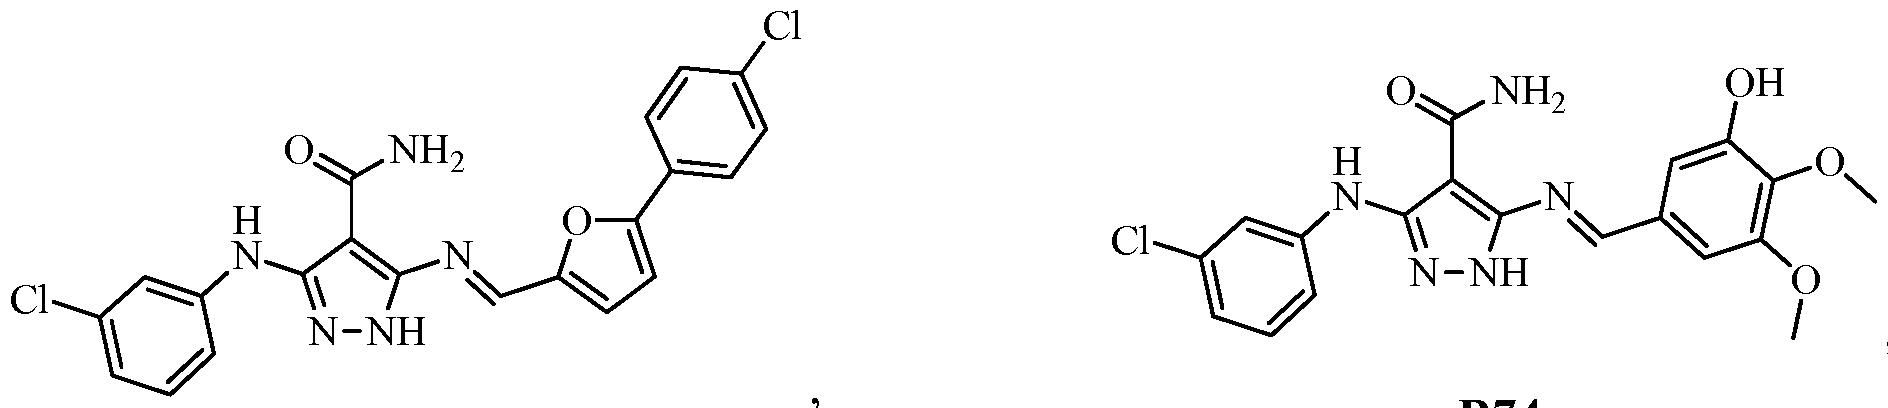 Figure imgf000176_0005